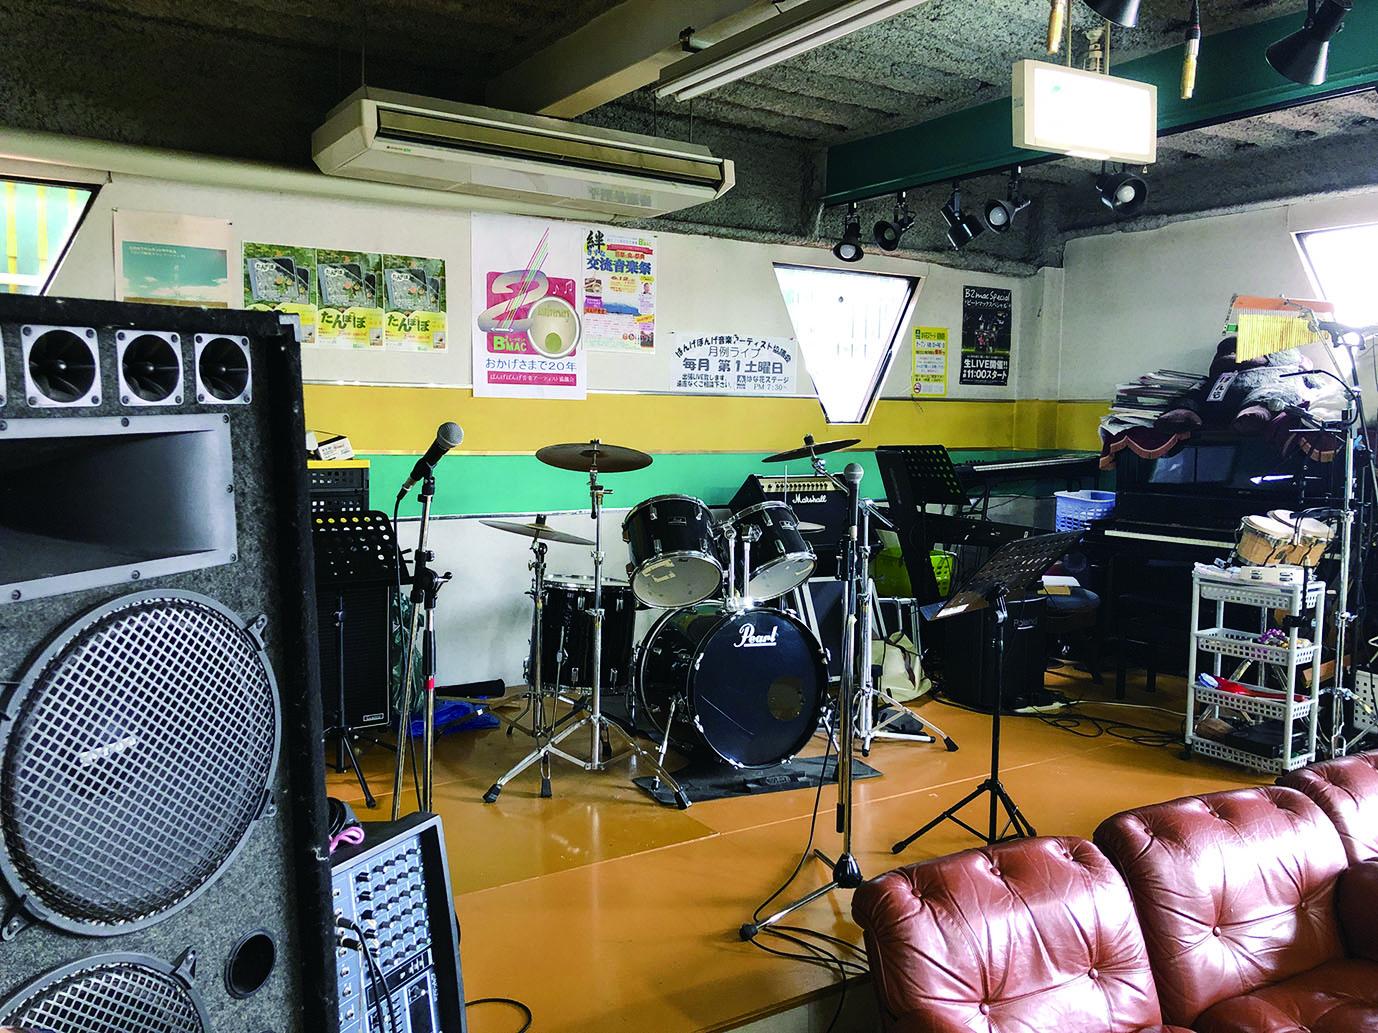 ばんげぼんげ音楽アーティスト協議会 月例ライブ はな花ステージ